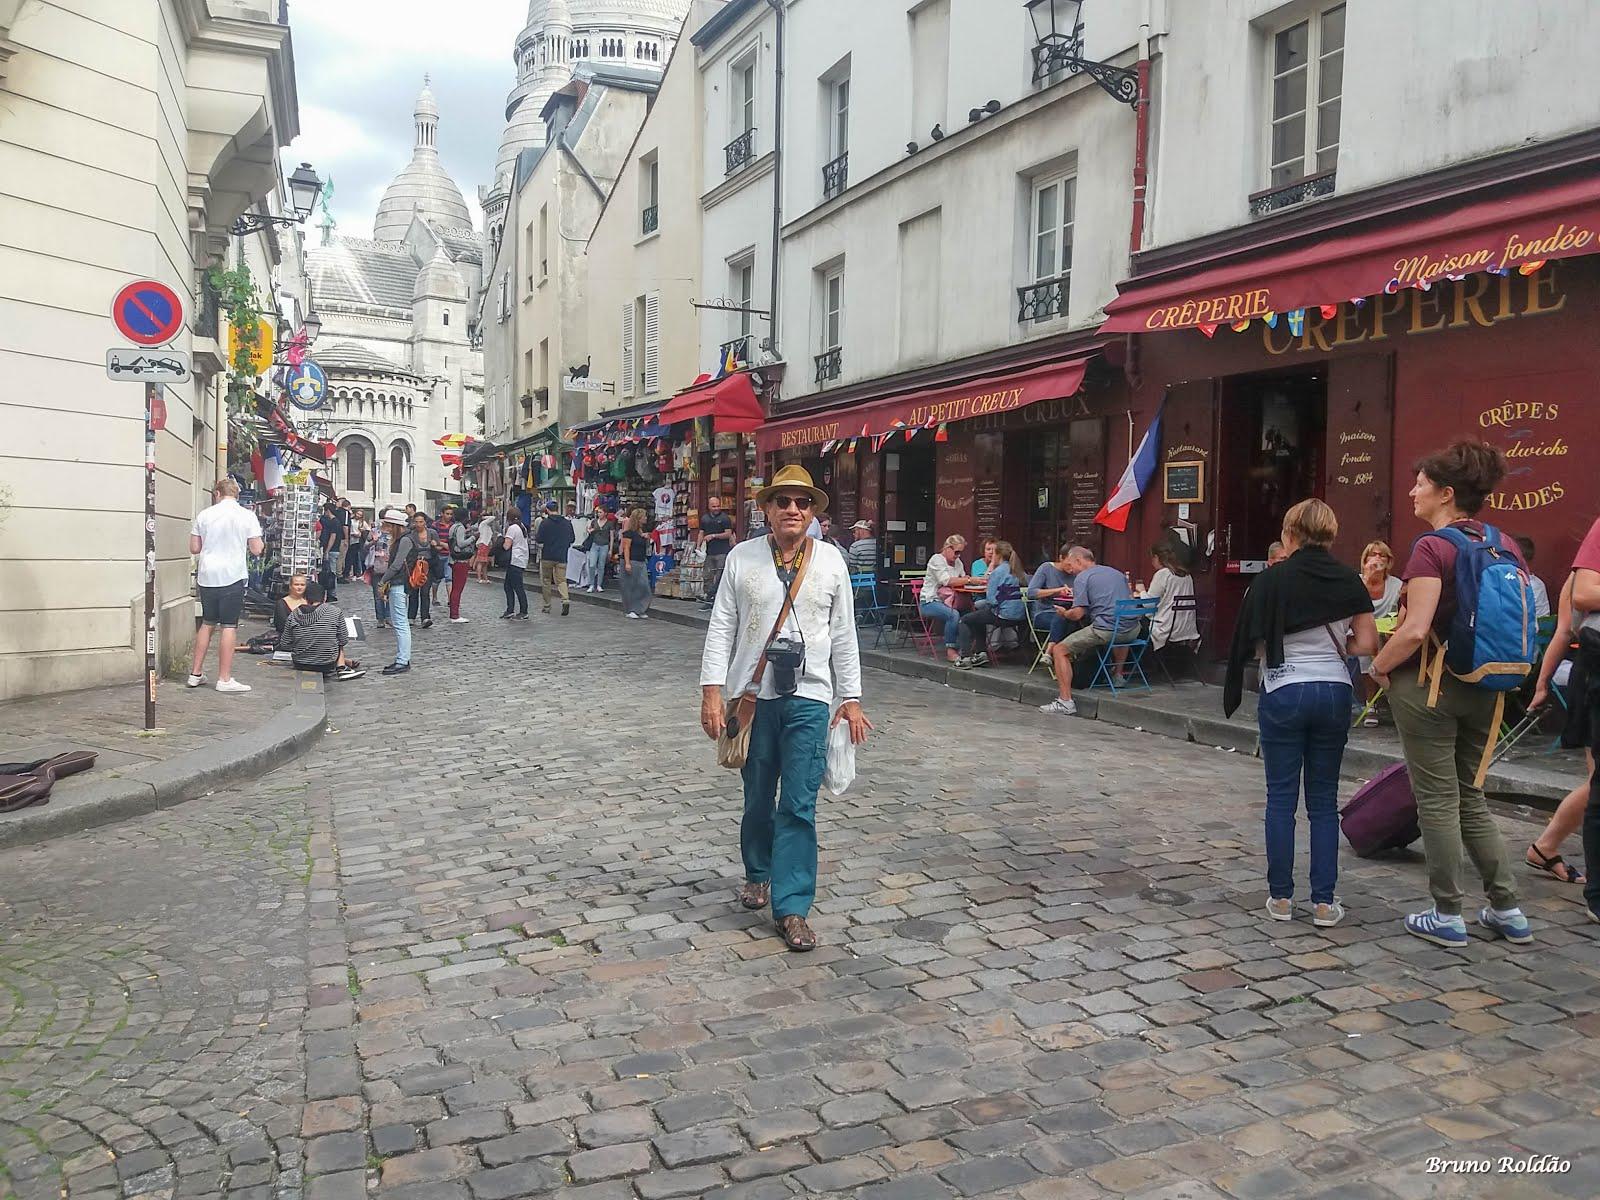 MONTMARTRE - PARIS